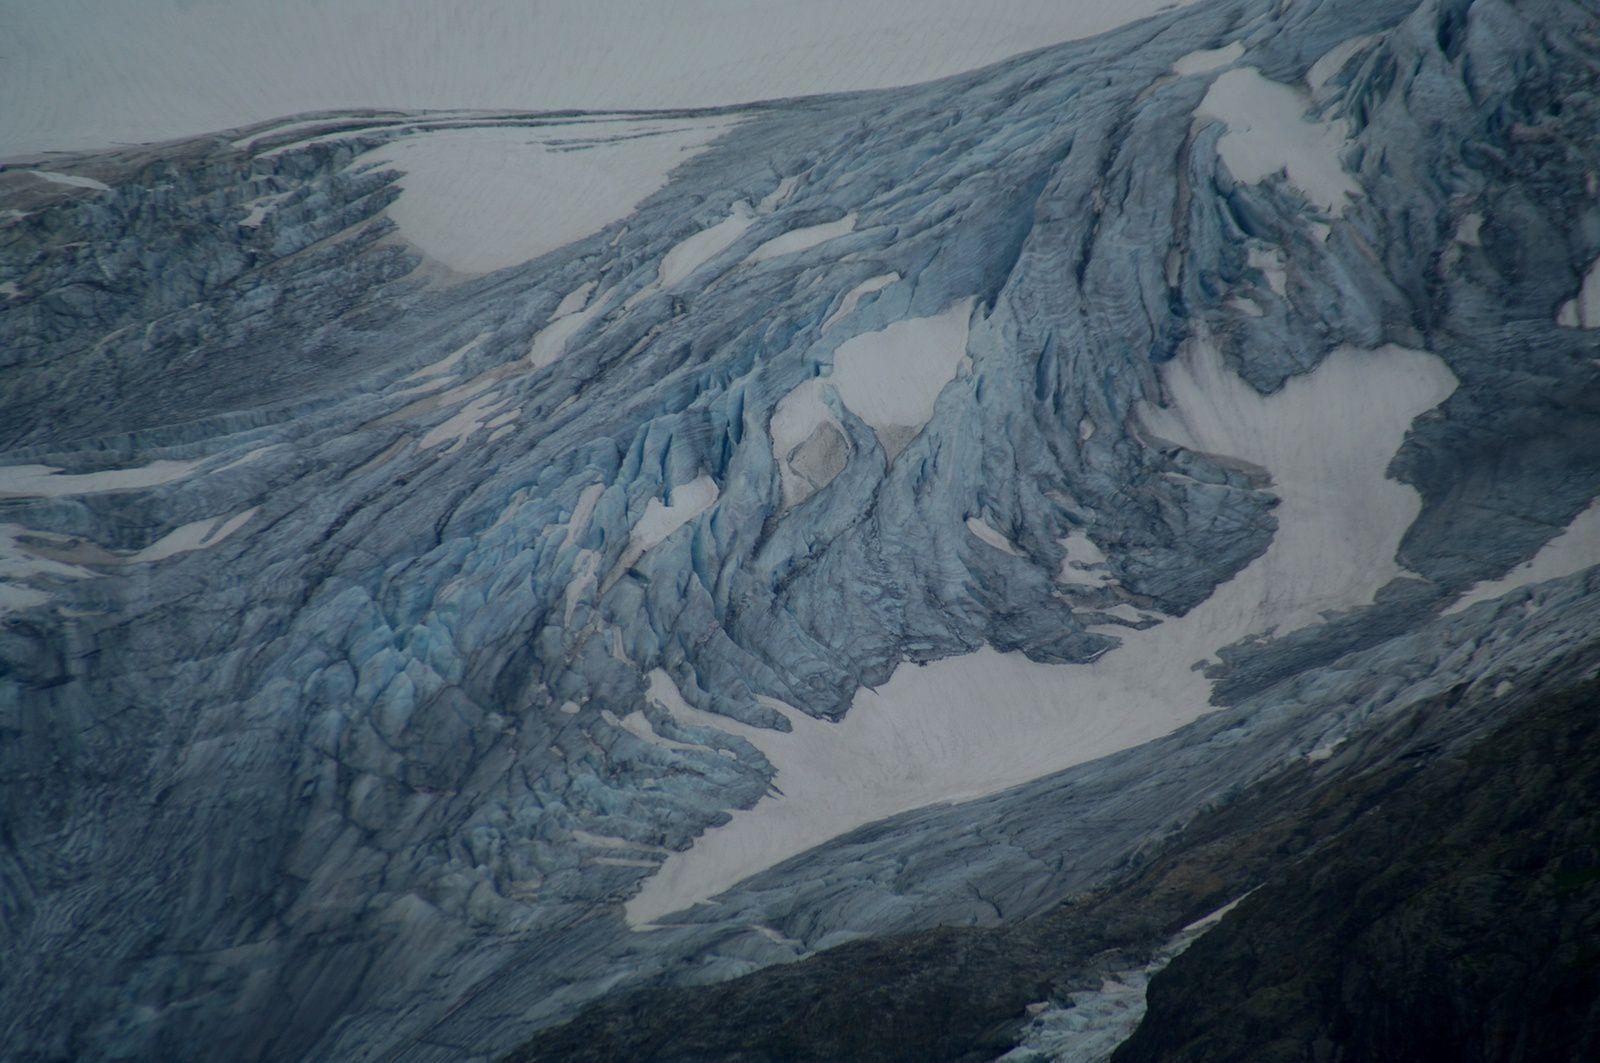 le glacier ...au zoom !!! je n'étais pas équipé pour aller crapahuter !!!